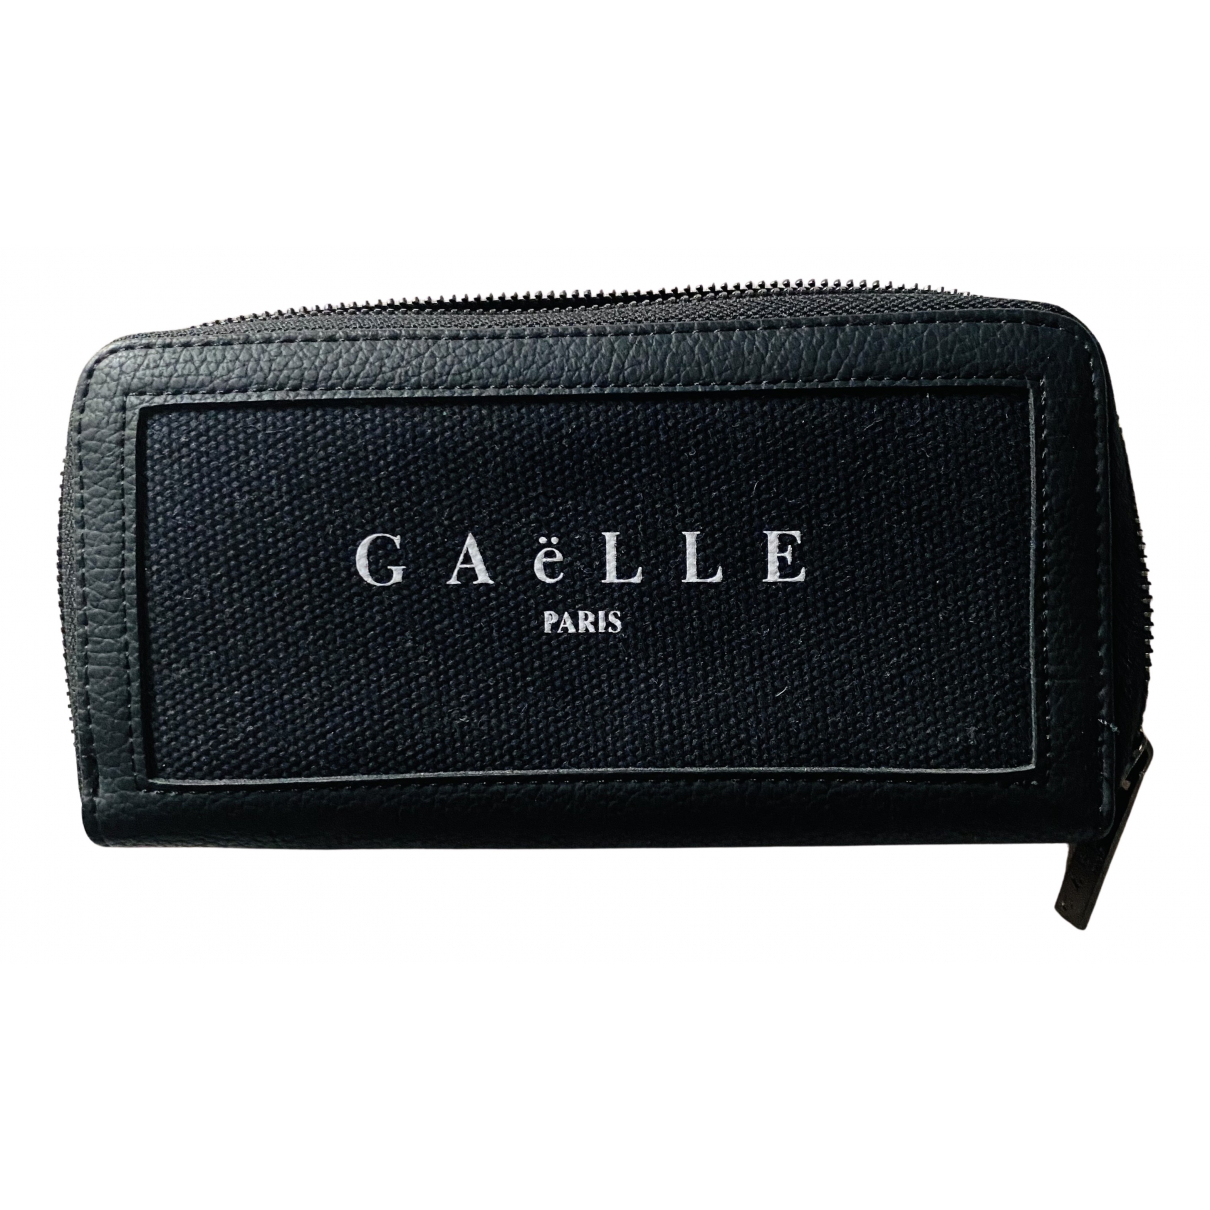 Gaelle Paris - Portefeuille   pour femme en toile - noir